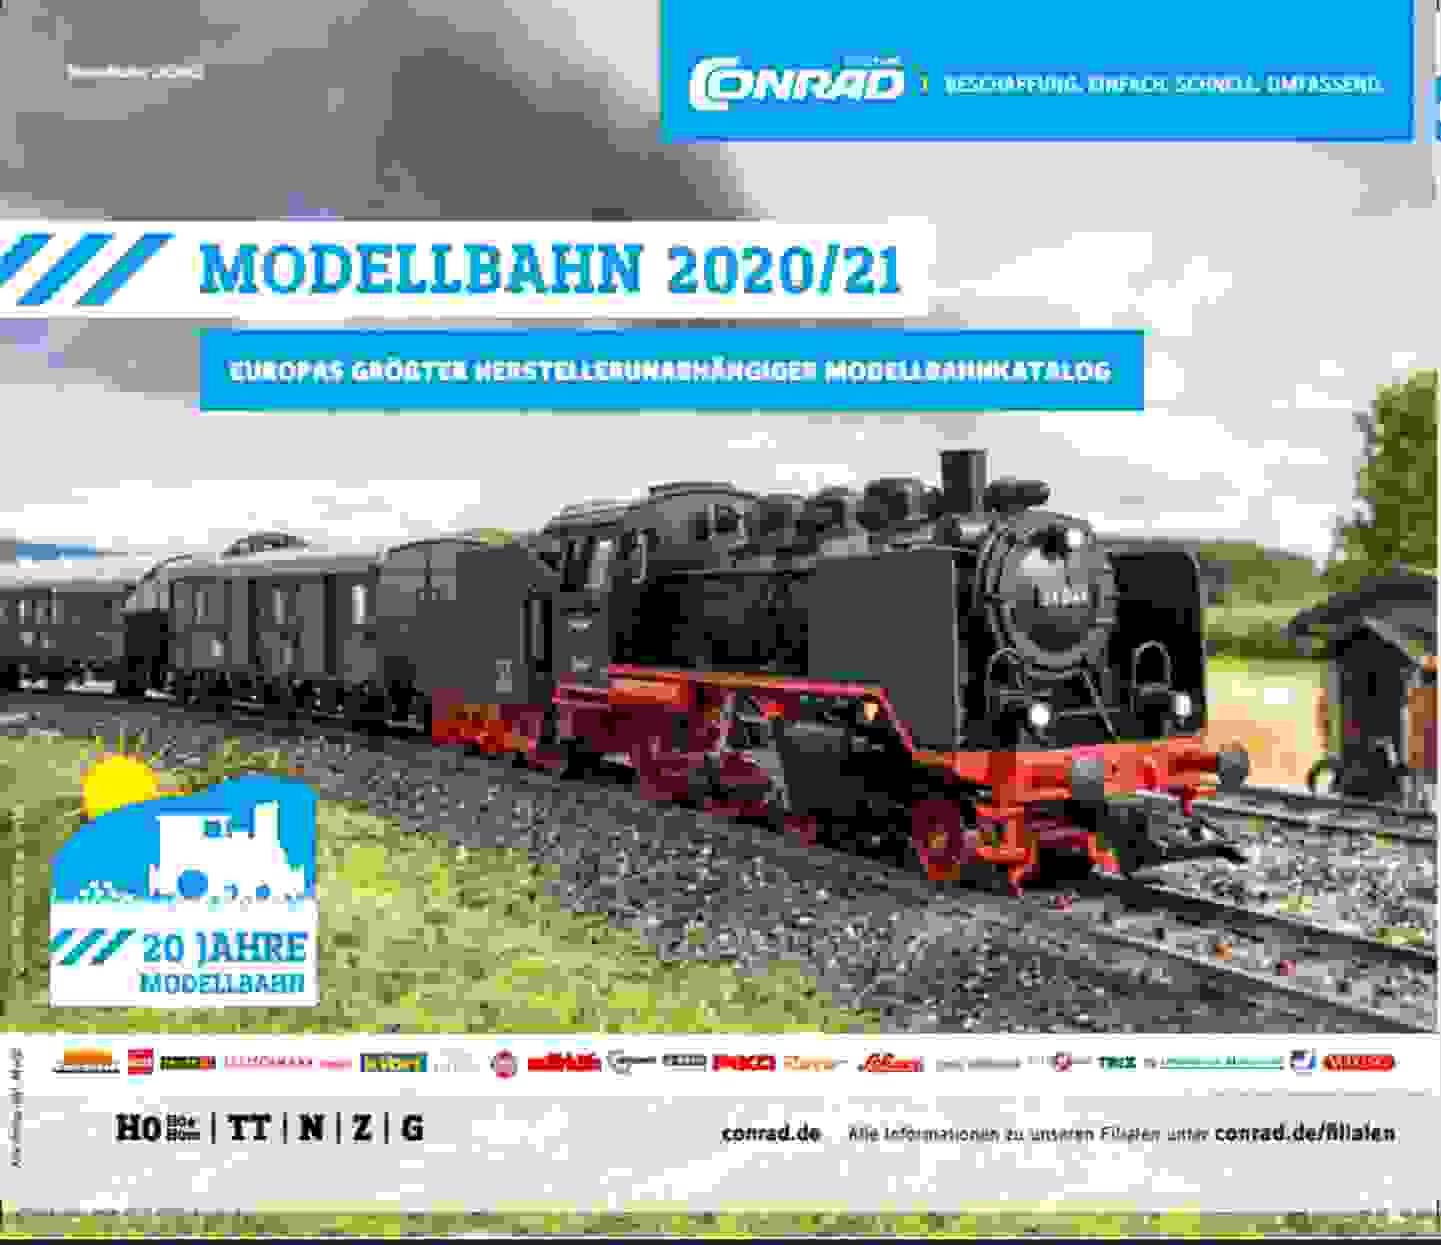 Modellbahn 2020